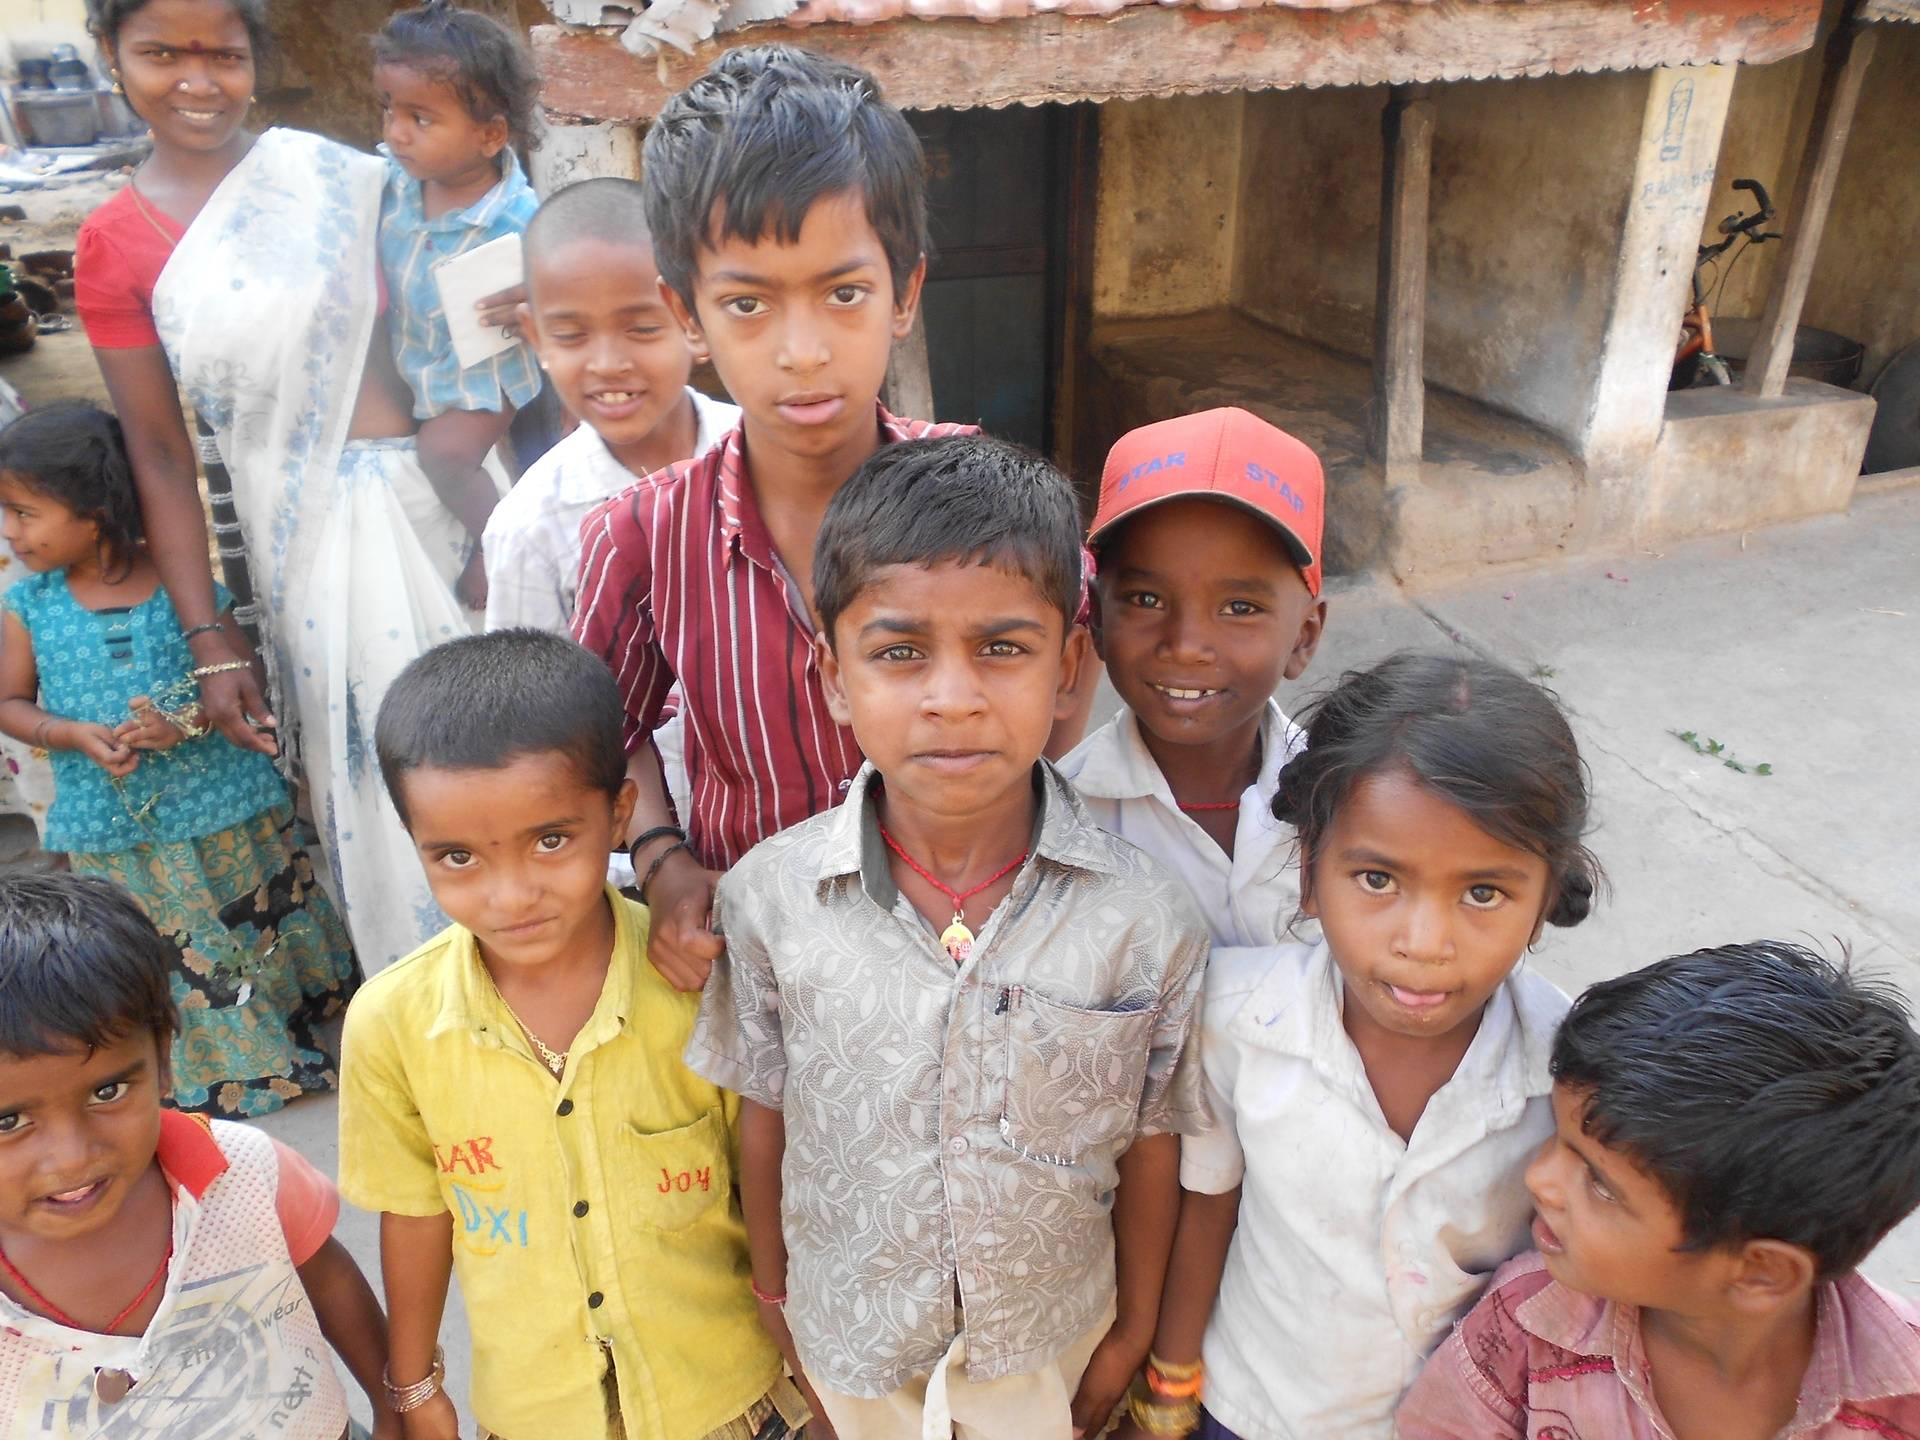 Children in Aswaranagasurunai